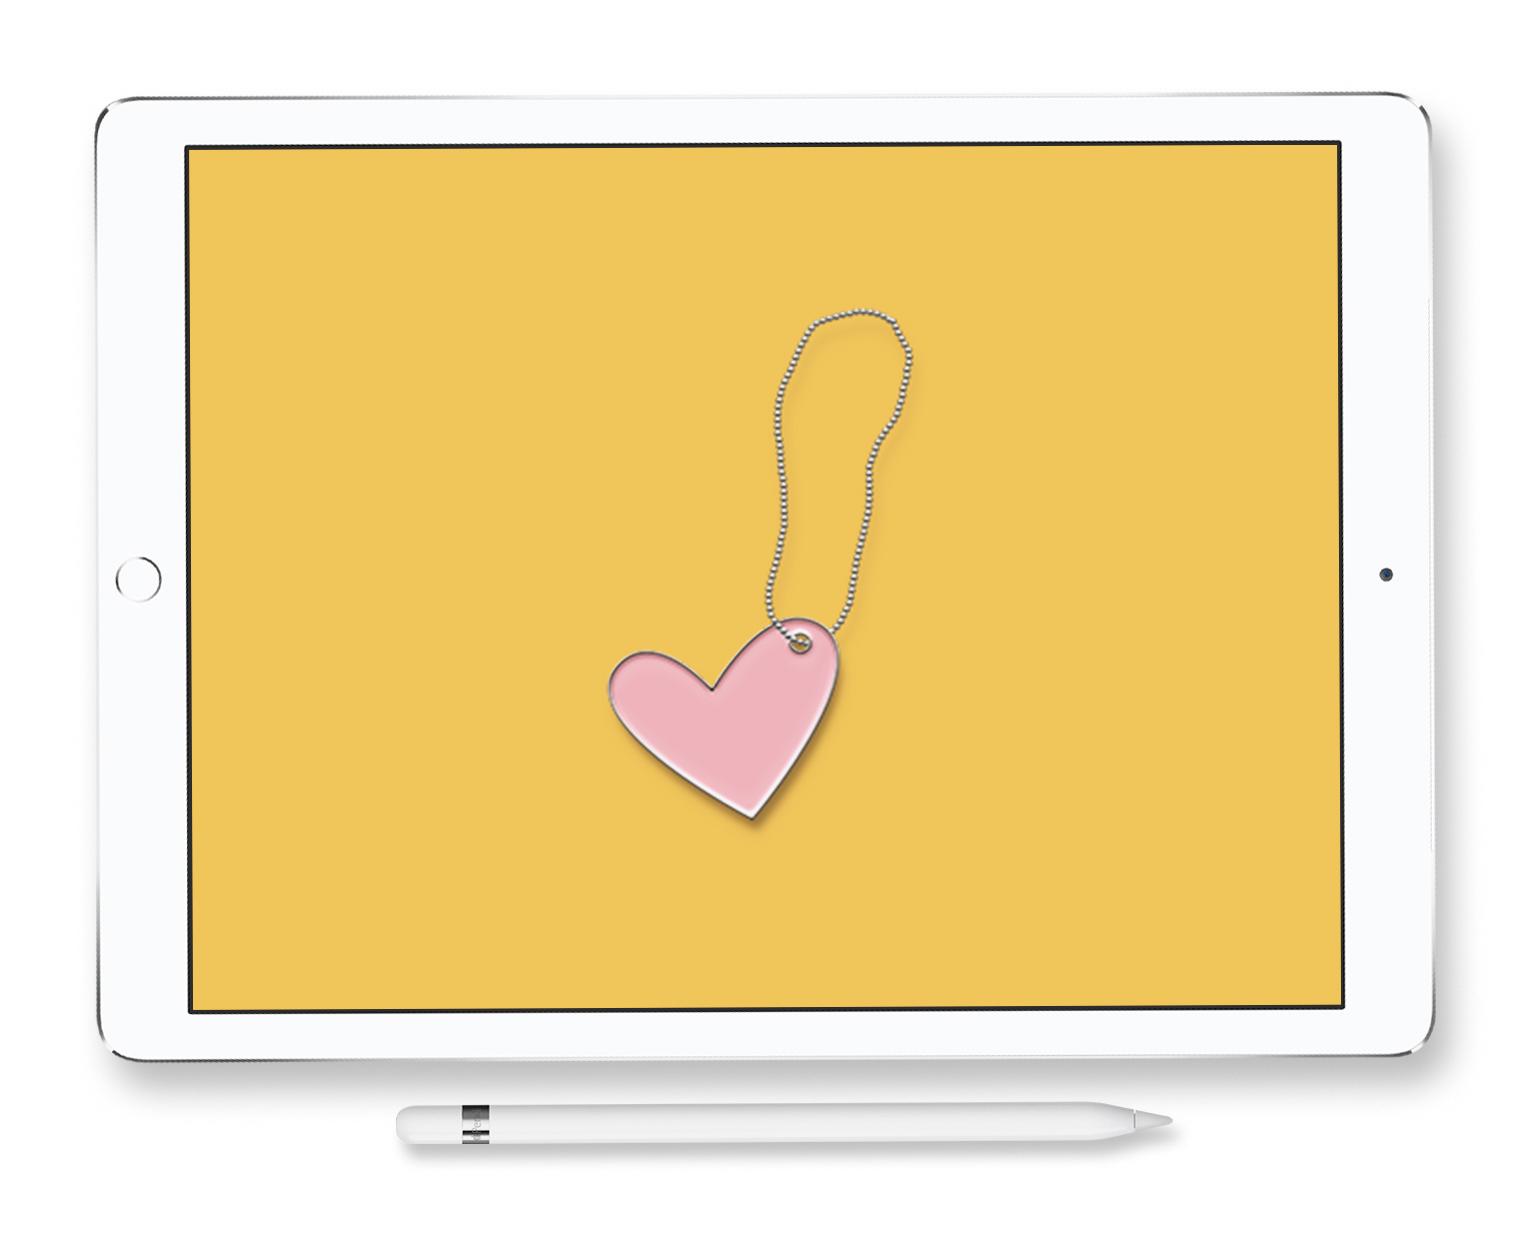 planner-heart-charm-mockup-full